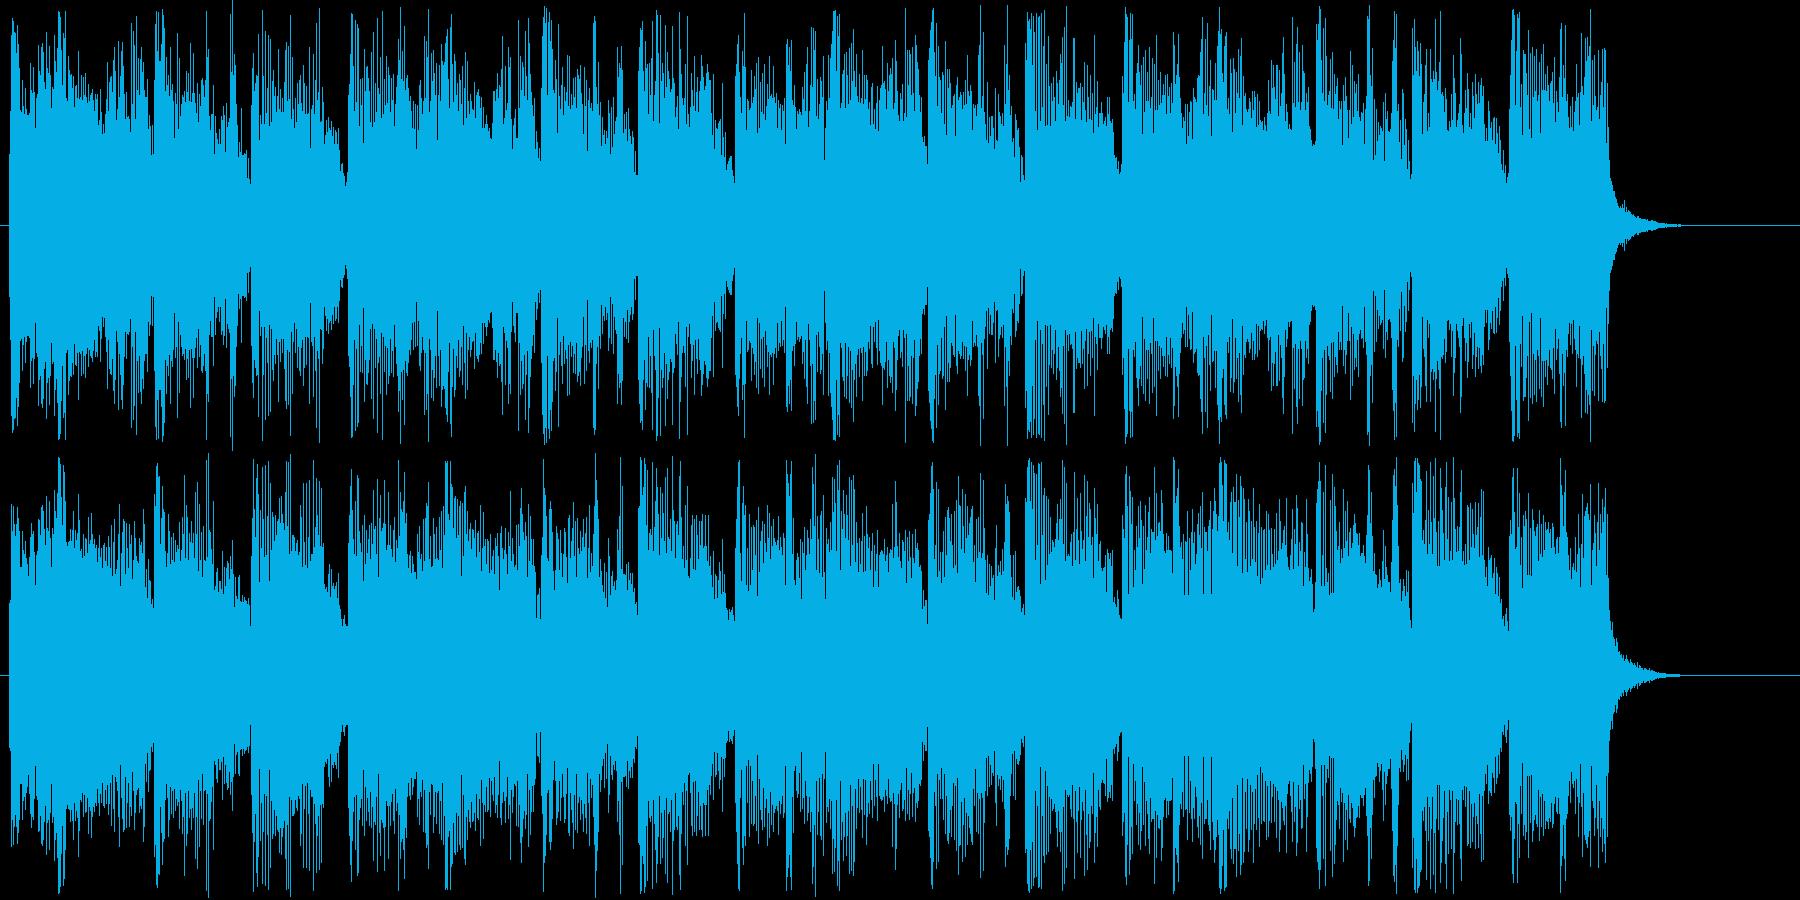 コミカルな雰囲気のトランペット曲の再生済みの波形